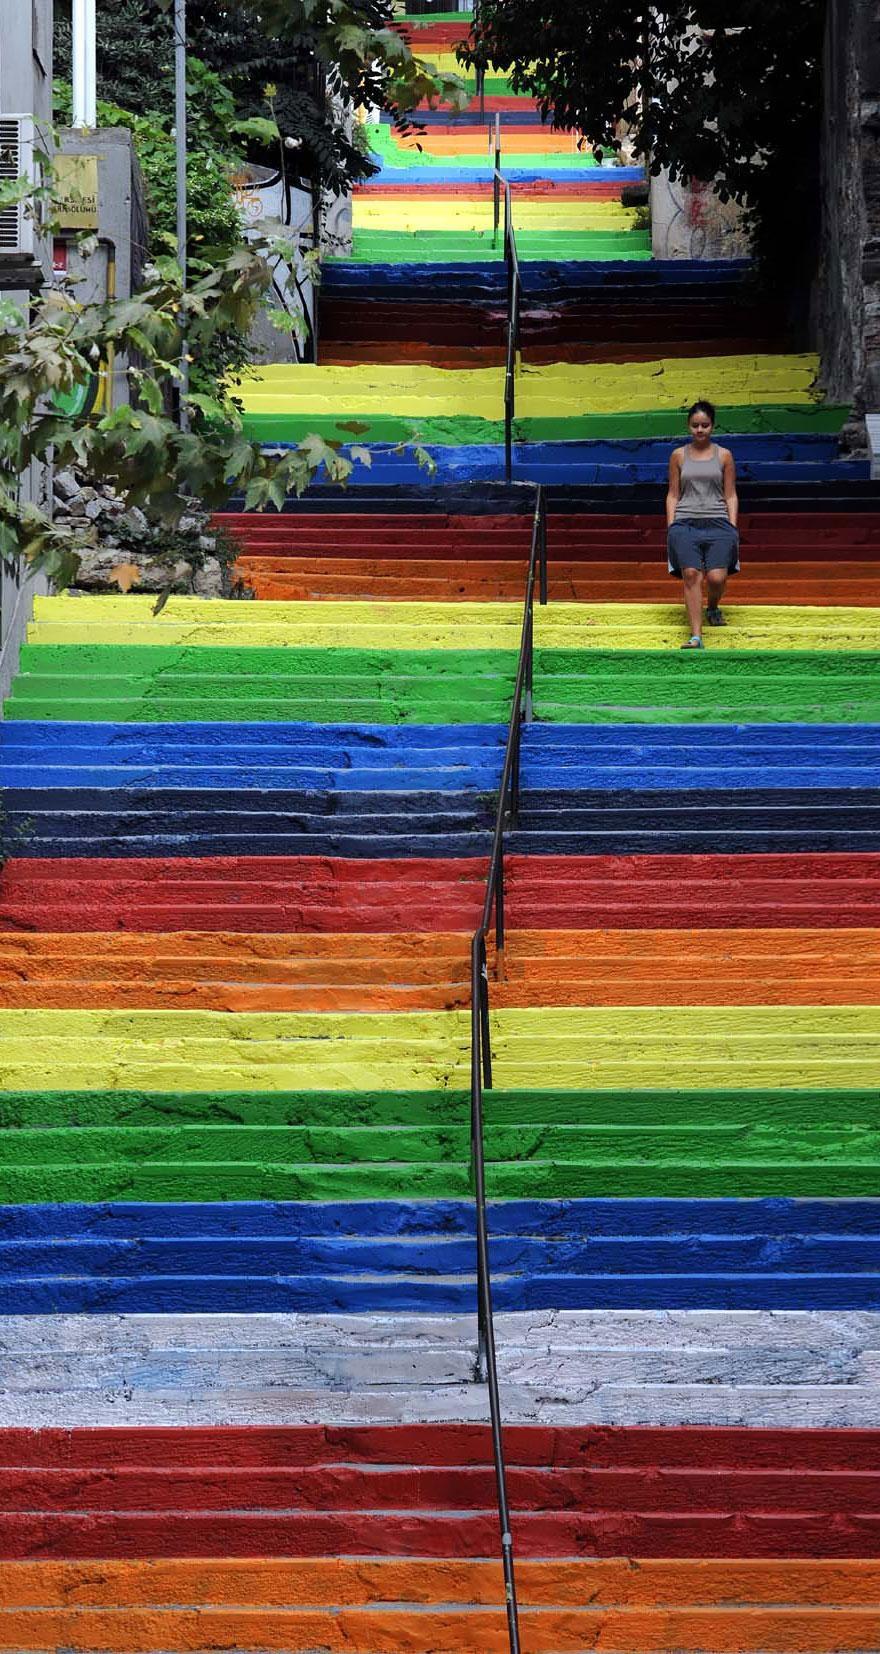 Escaleras en Estambul Turquia